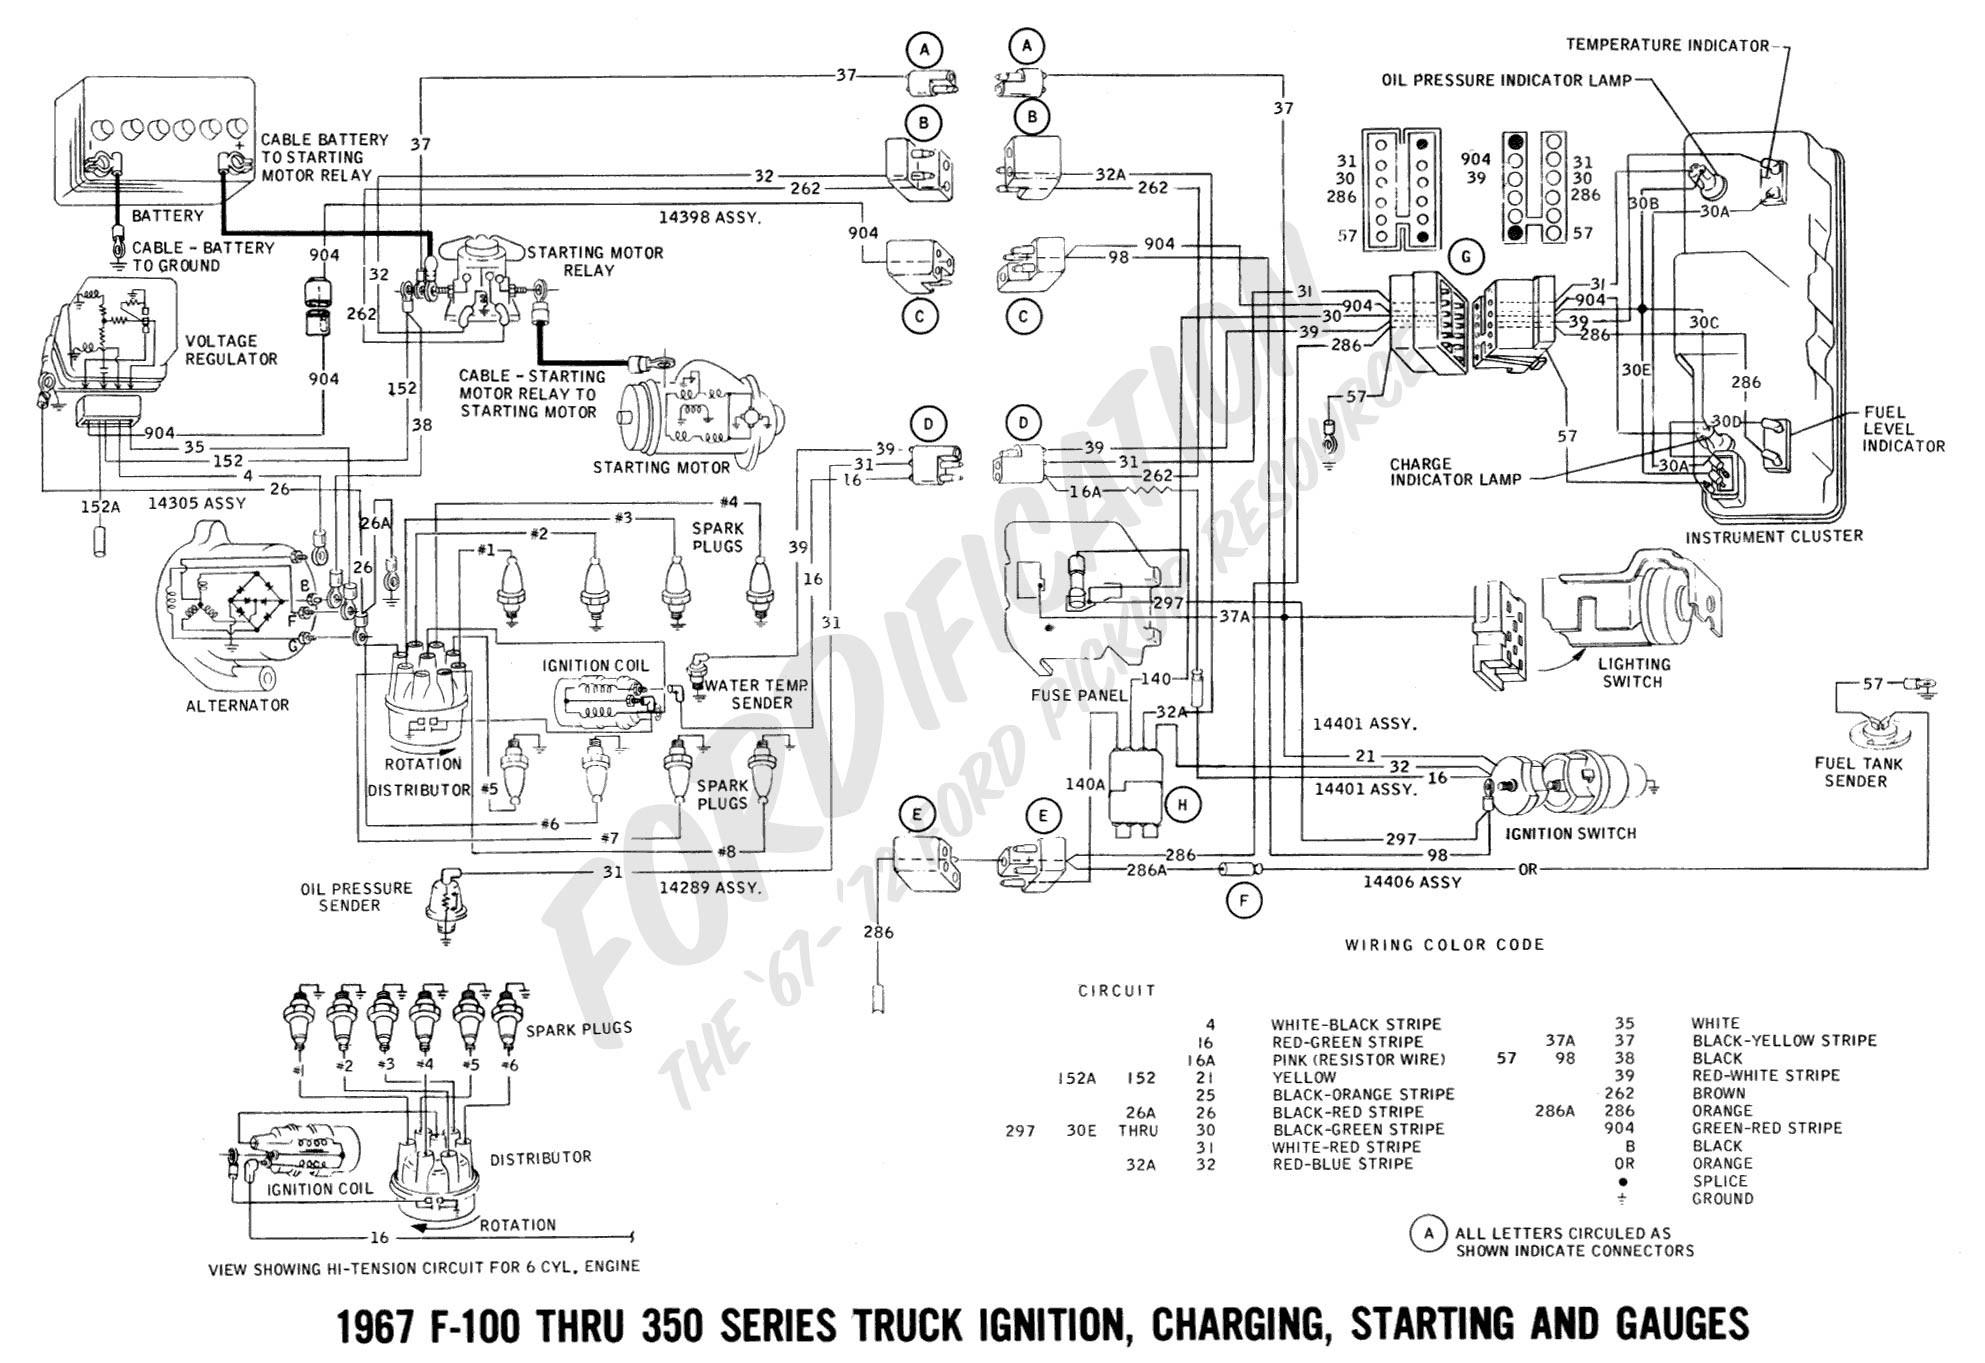 Engine Start button Wiring Diagram ford Ignition Switch Wiring Diagram F350 Battery Wiring Diagram Of Engine Start button Wiring Diagram